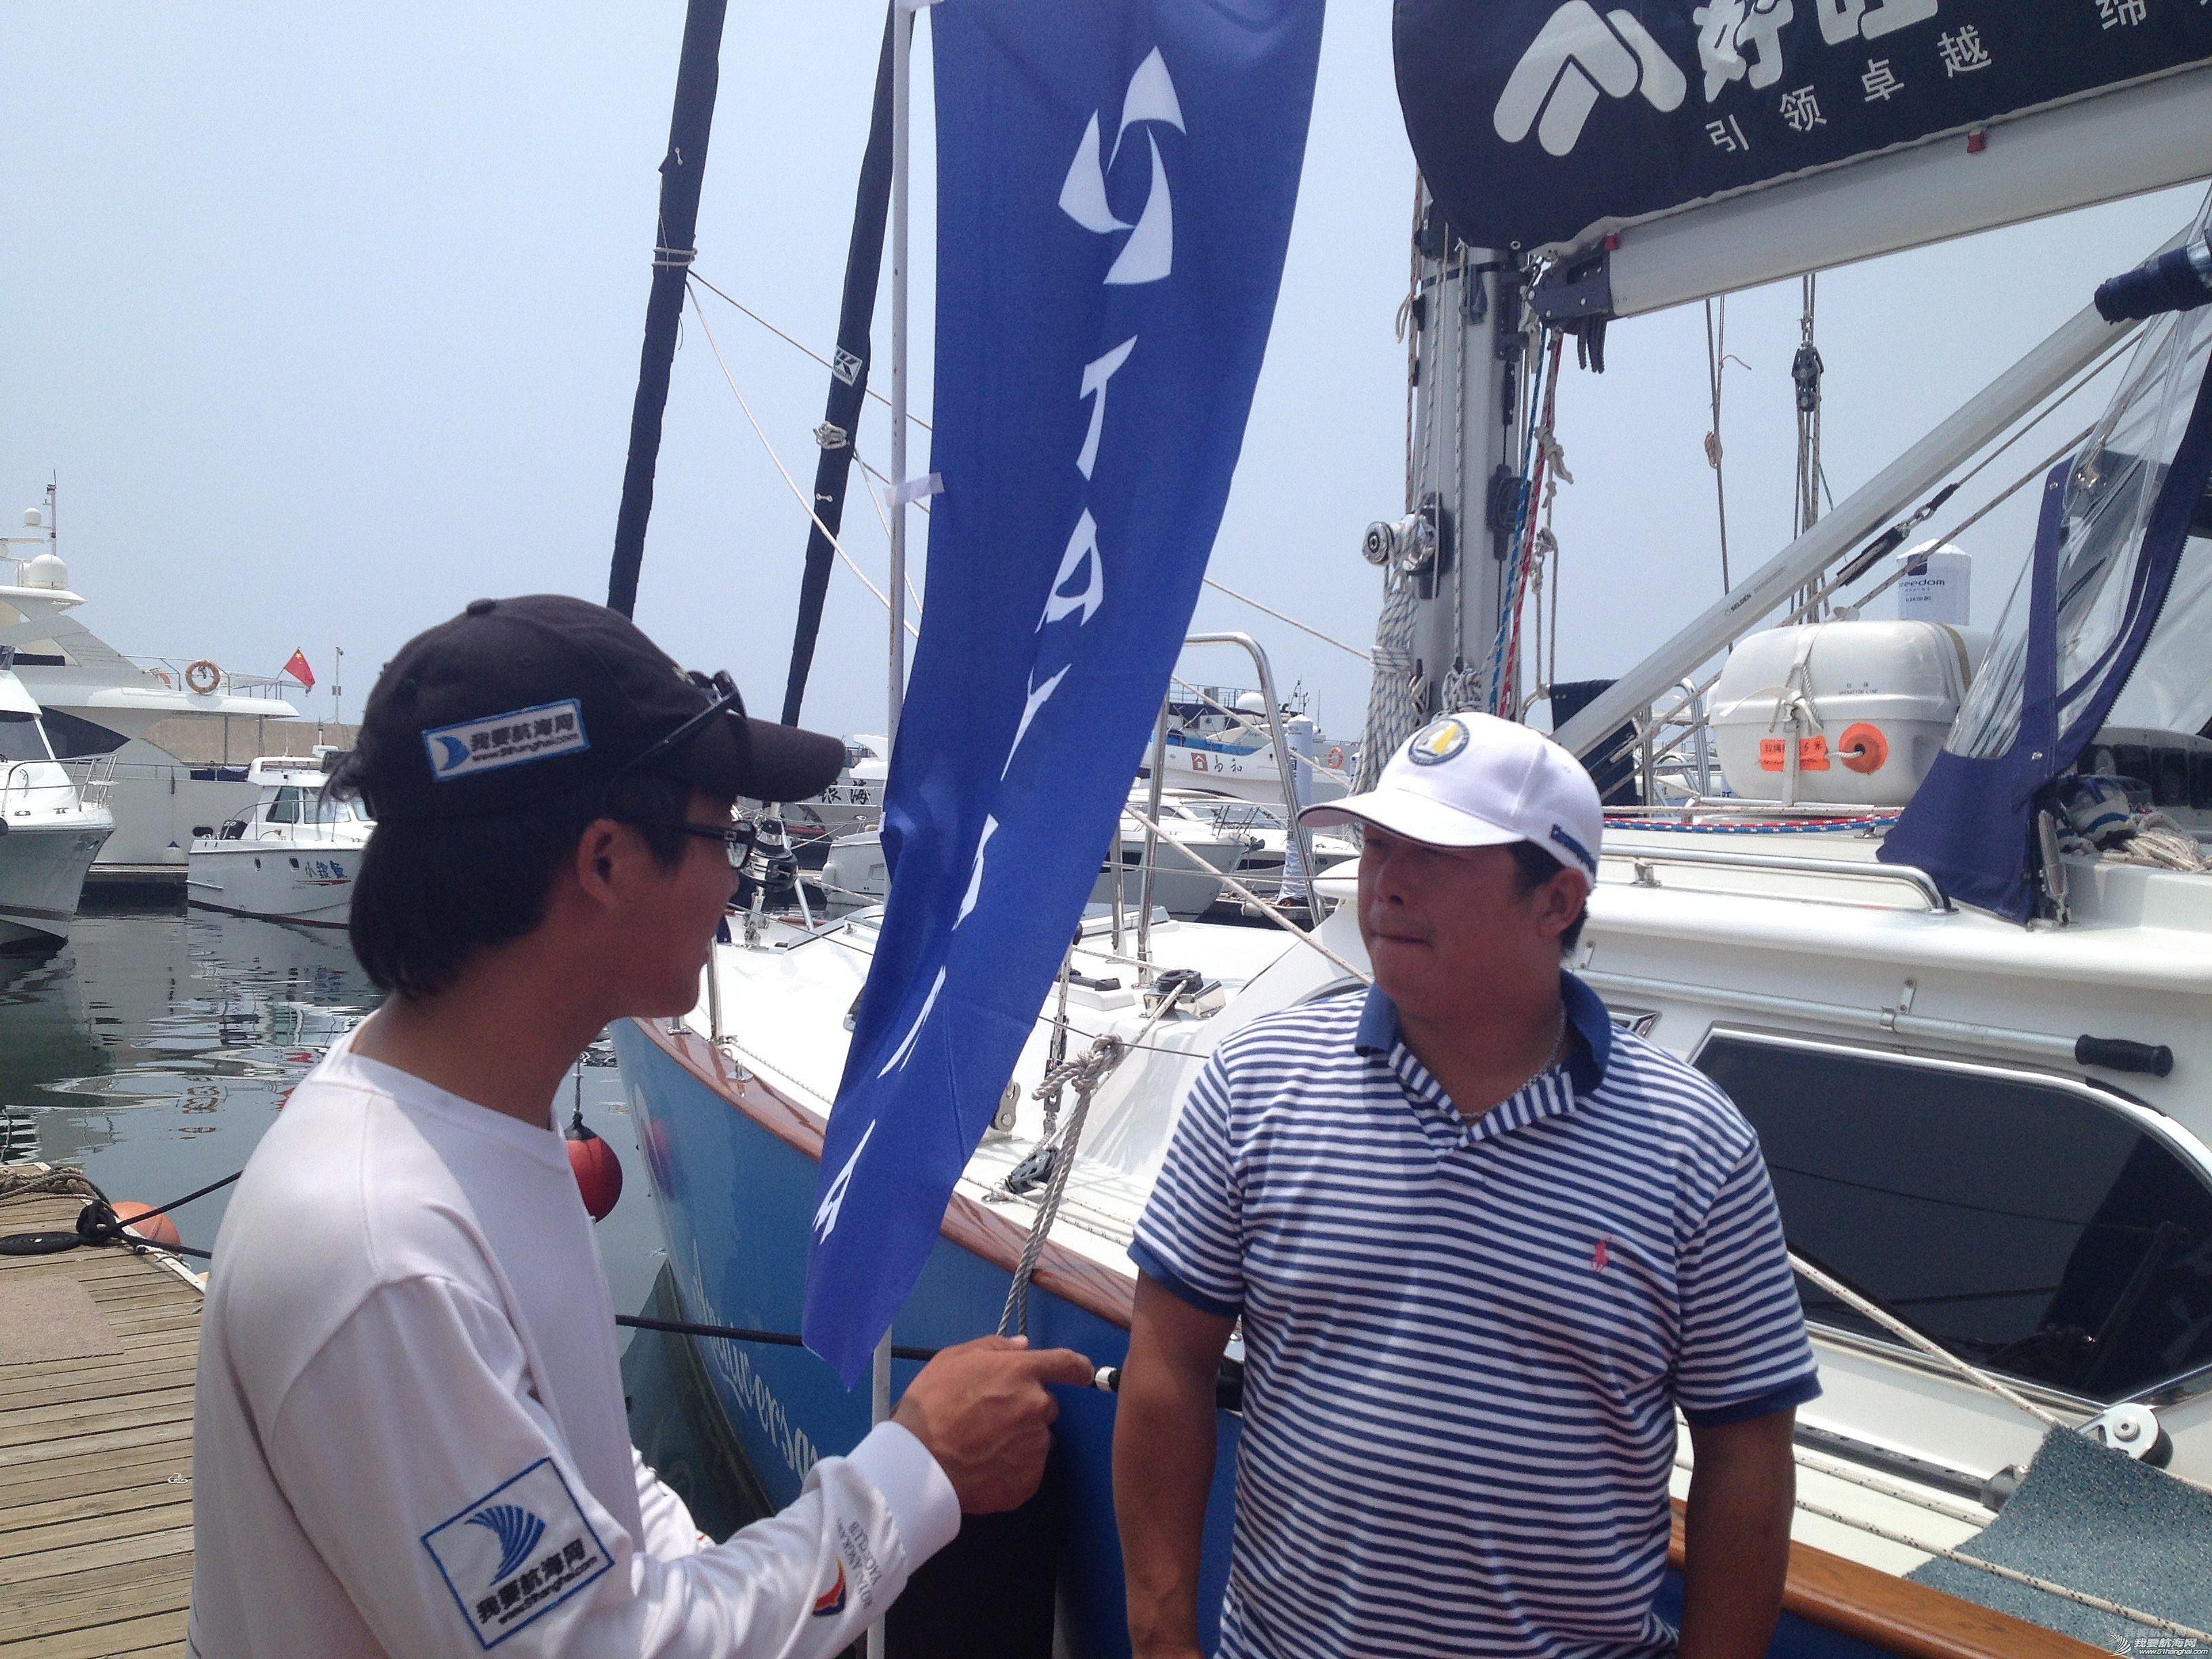 薛家平拜访7月即将开始环球航行的高民船长并交流航海路线